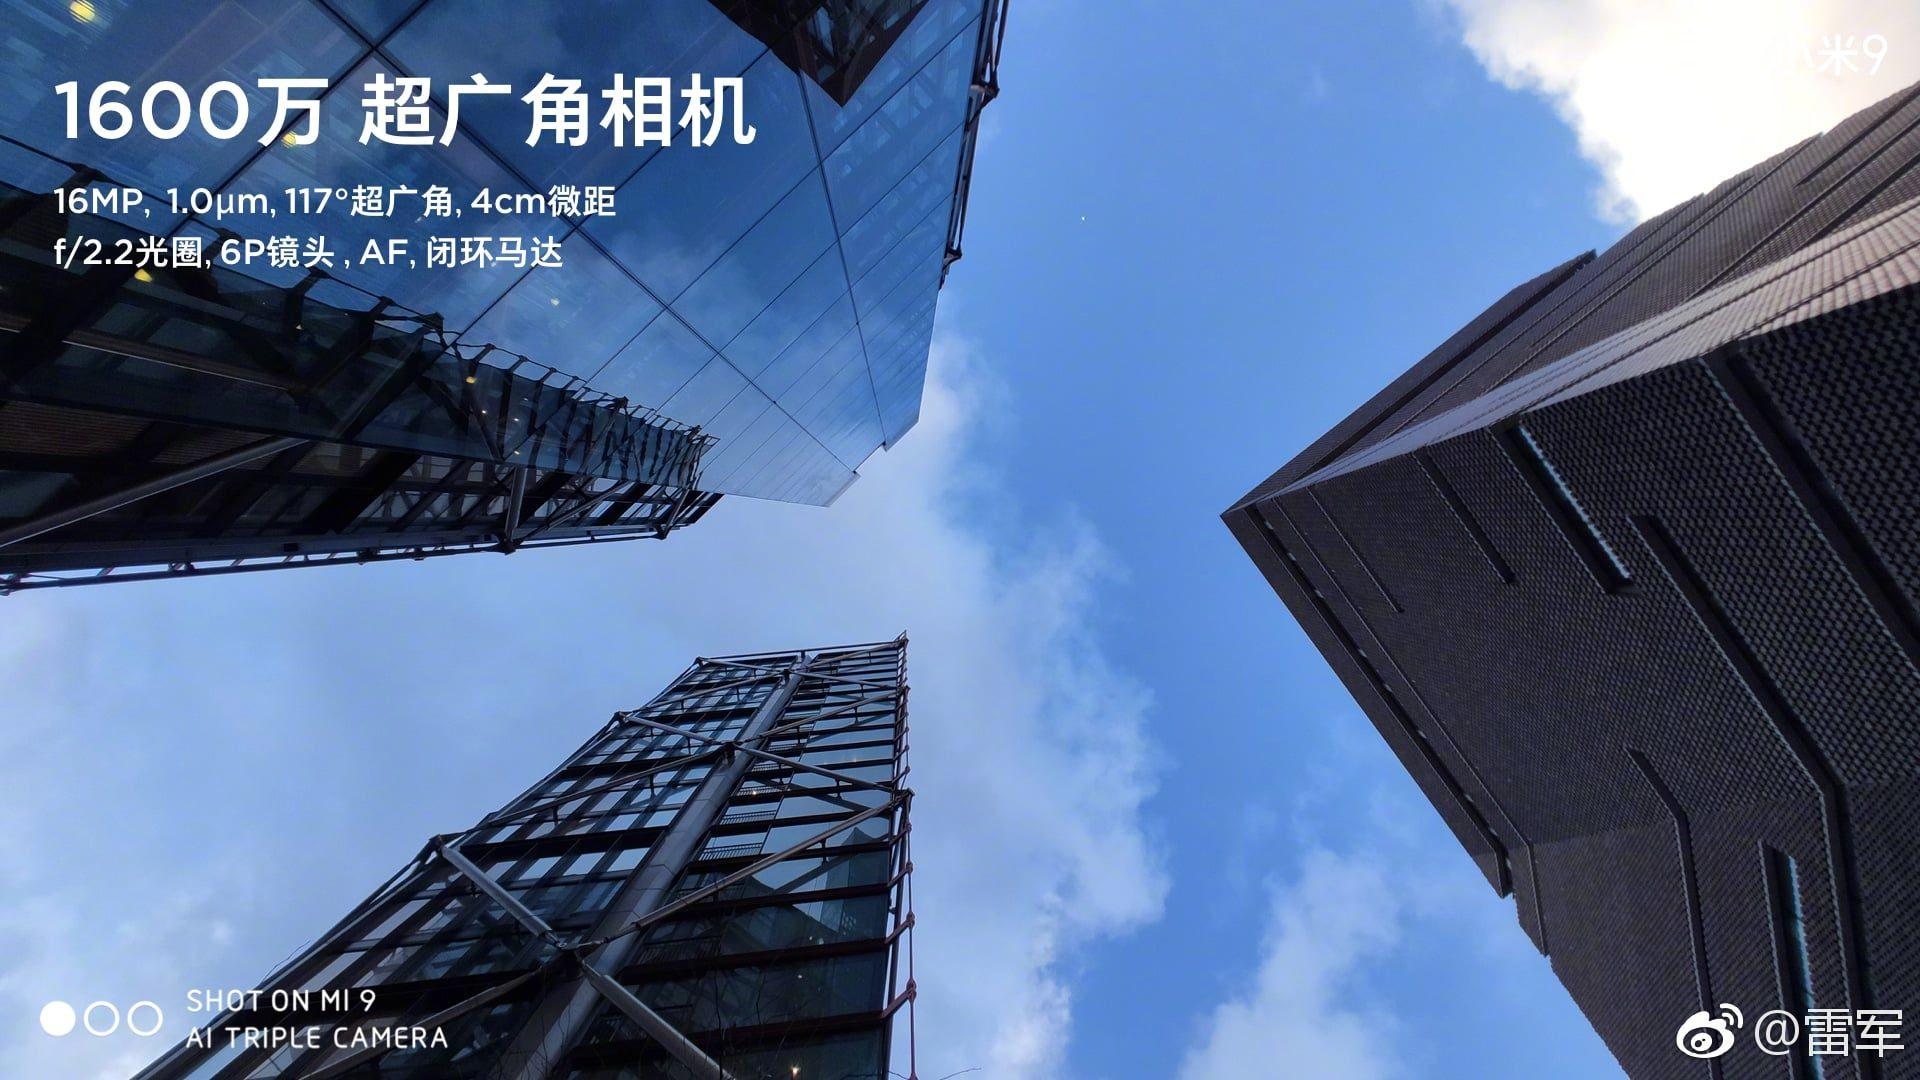 Xiaomi Mi 9: 18 Hintergründe zum Download 5 techboys.de • smarte News, auf den Punkt! Xiaomi Mi 9: 18 Hintergründe zum Download